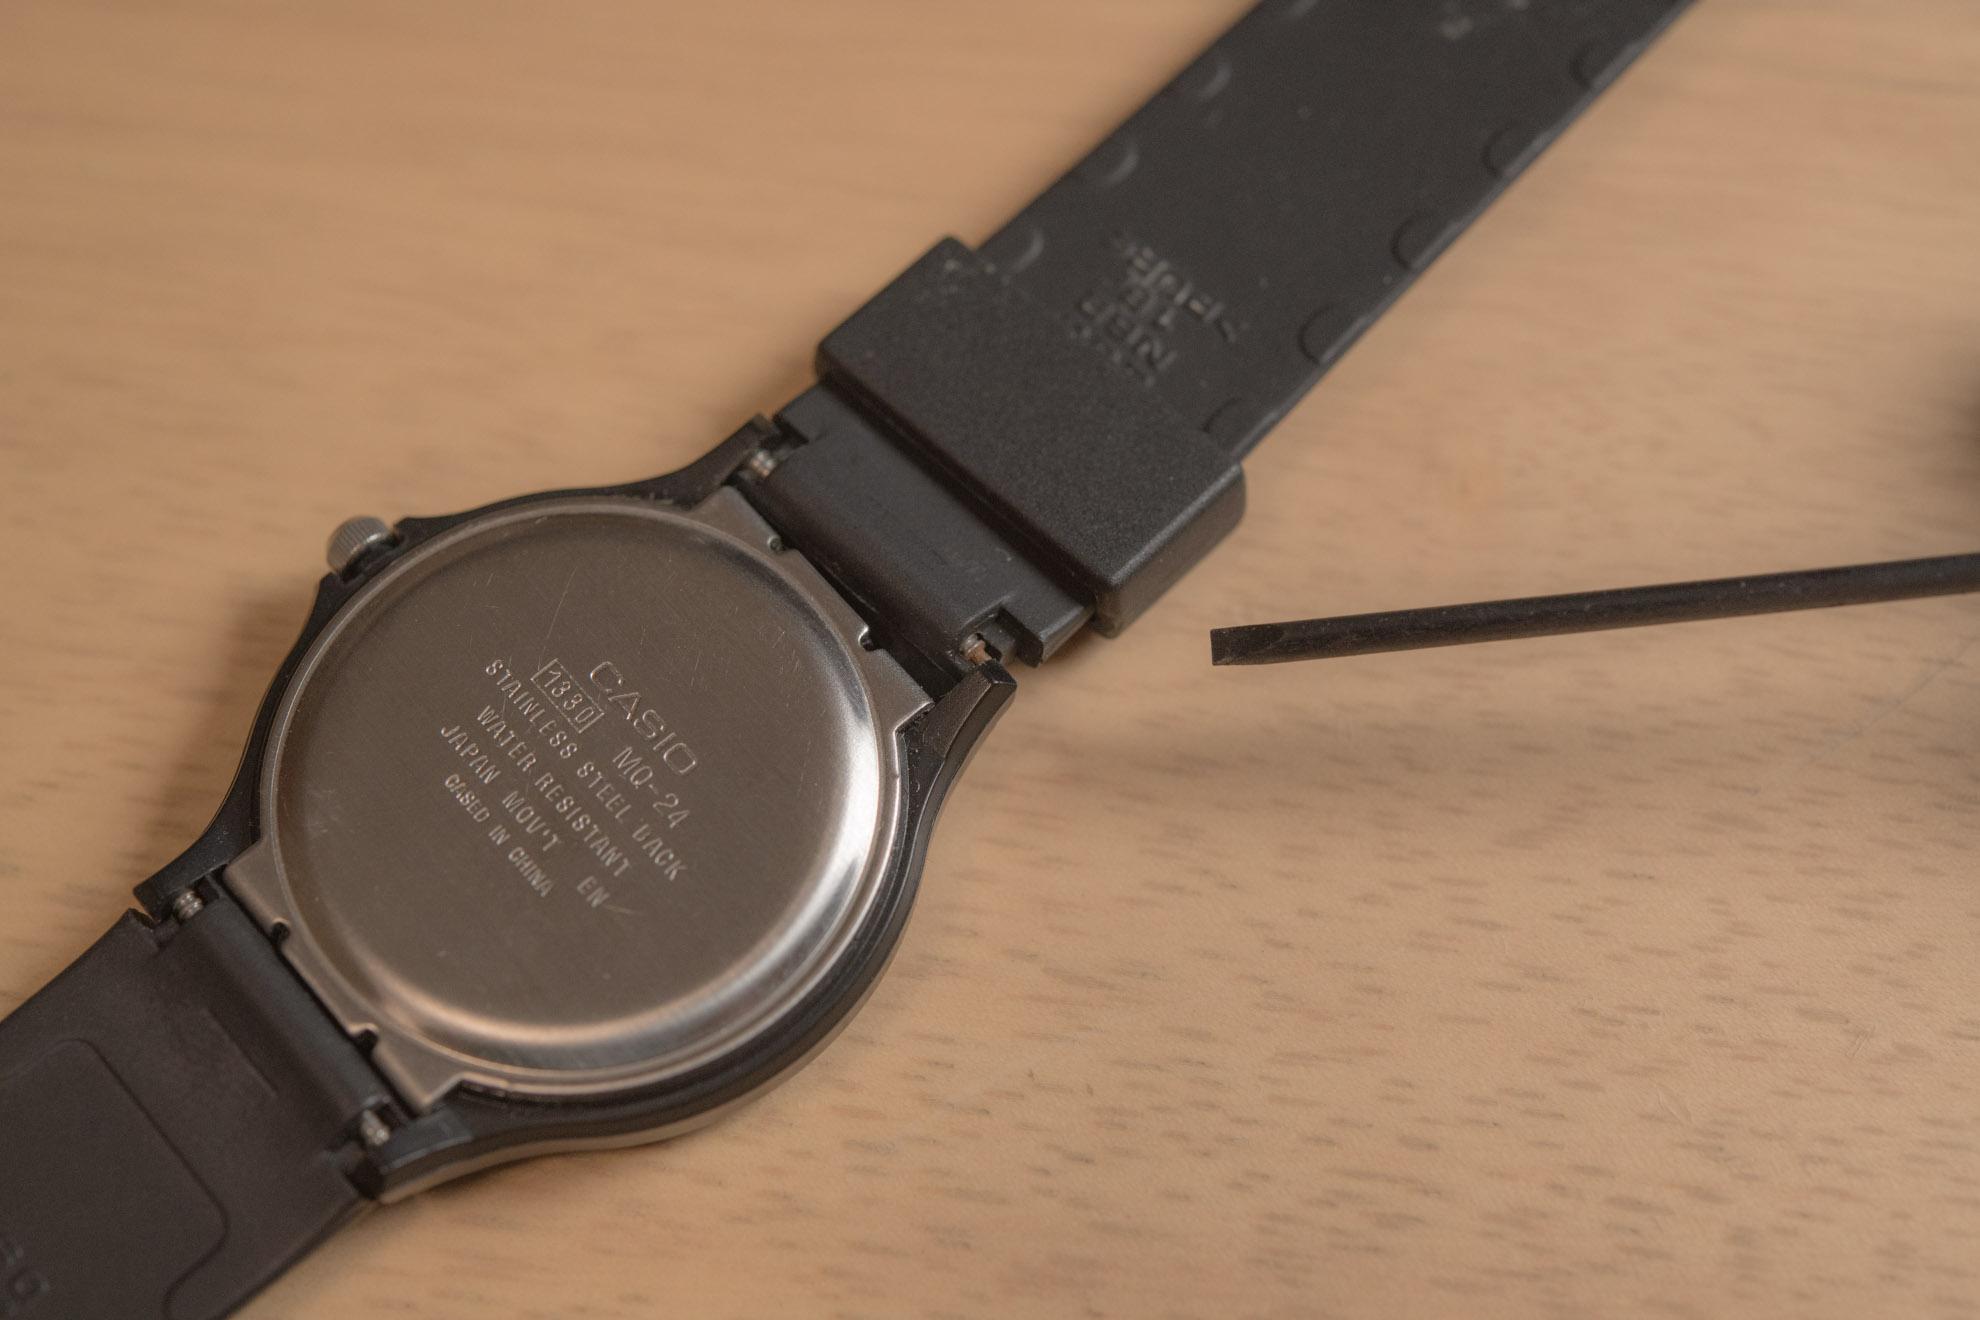 【電池交換すっぞ♪】アナログ針チプカシ(MQ-24)の電池交換と電池の種類とあれこれ。